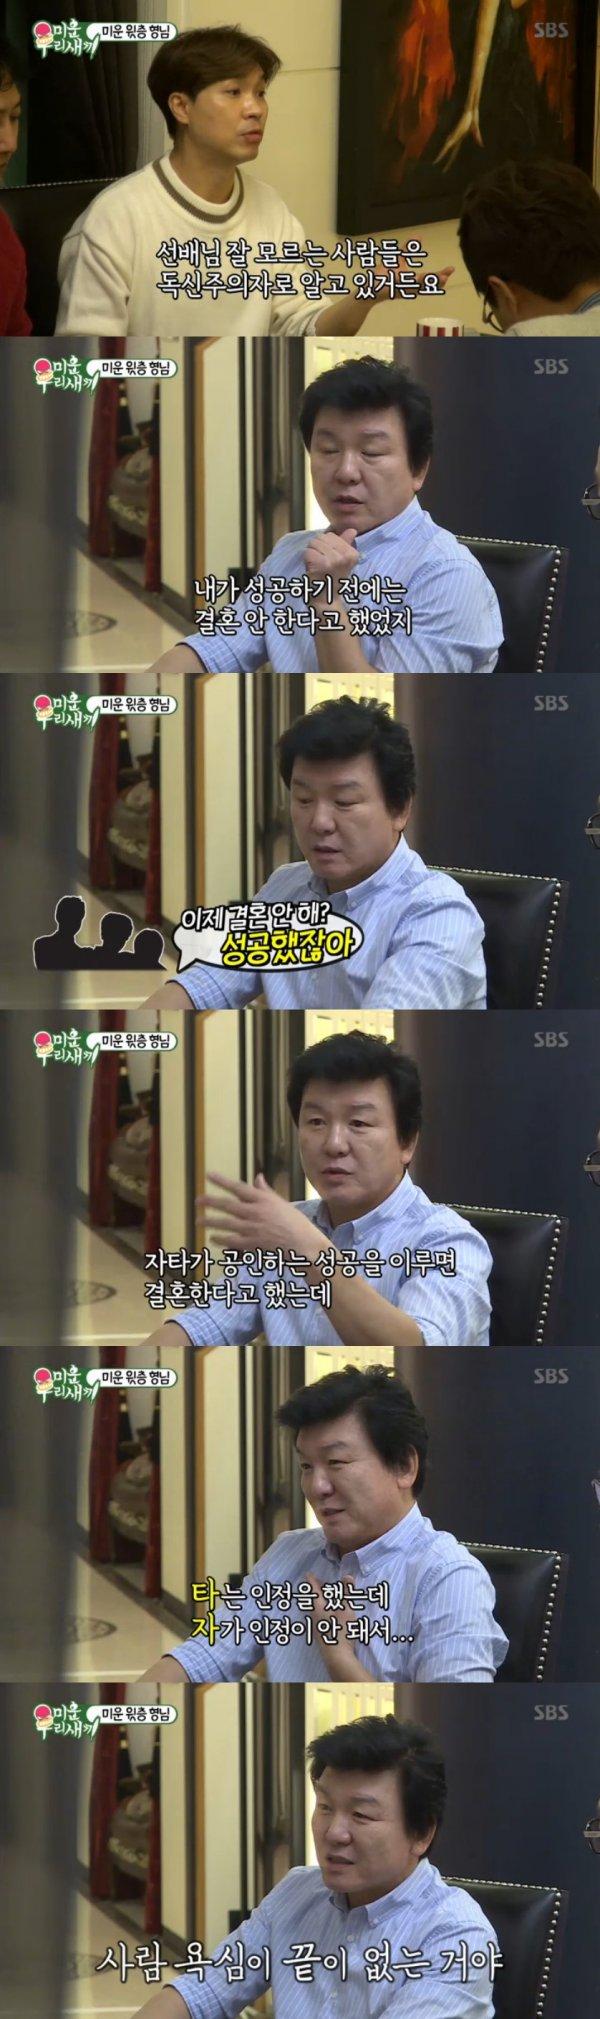 """'미운 우리 새끼' 주병진 """"독신주의자 No, 사랑 올거라 믿어"""""""